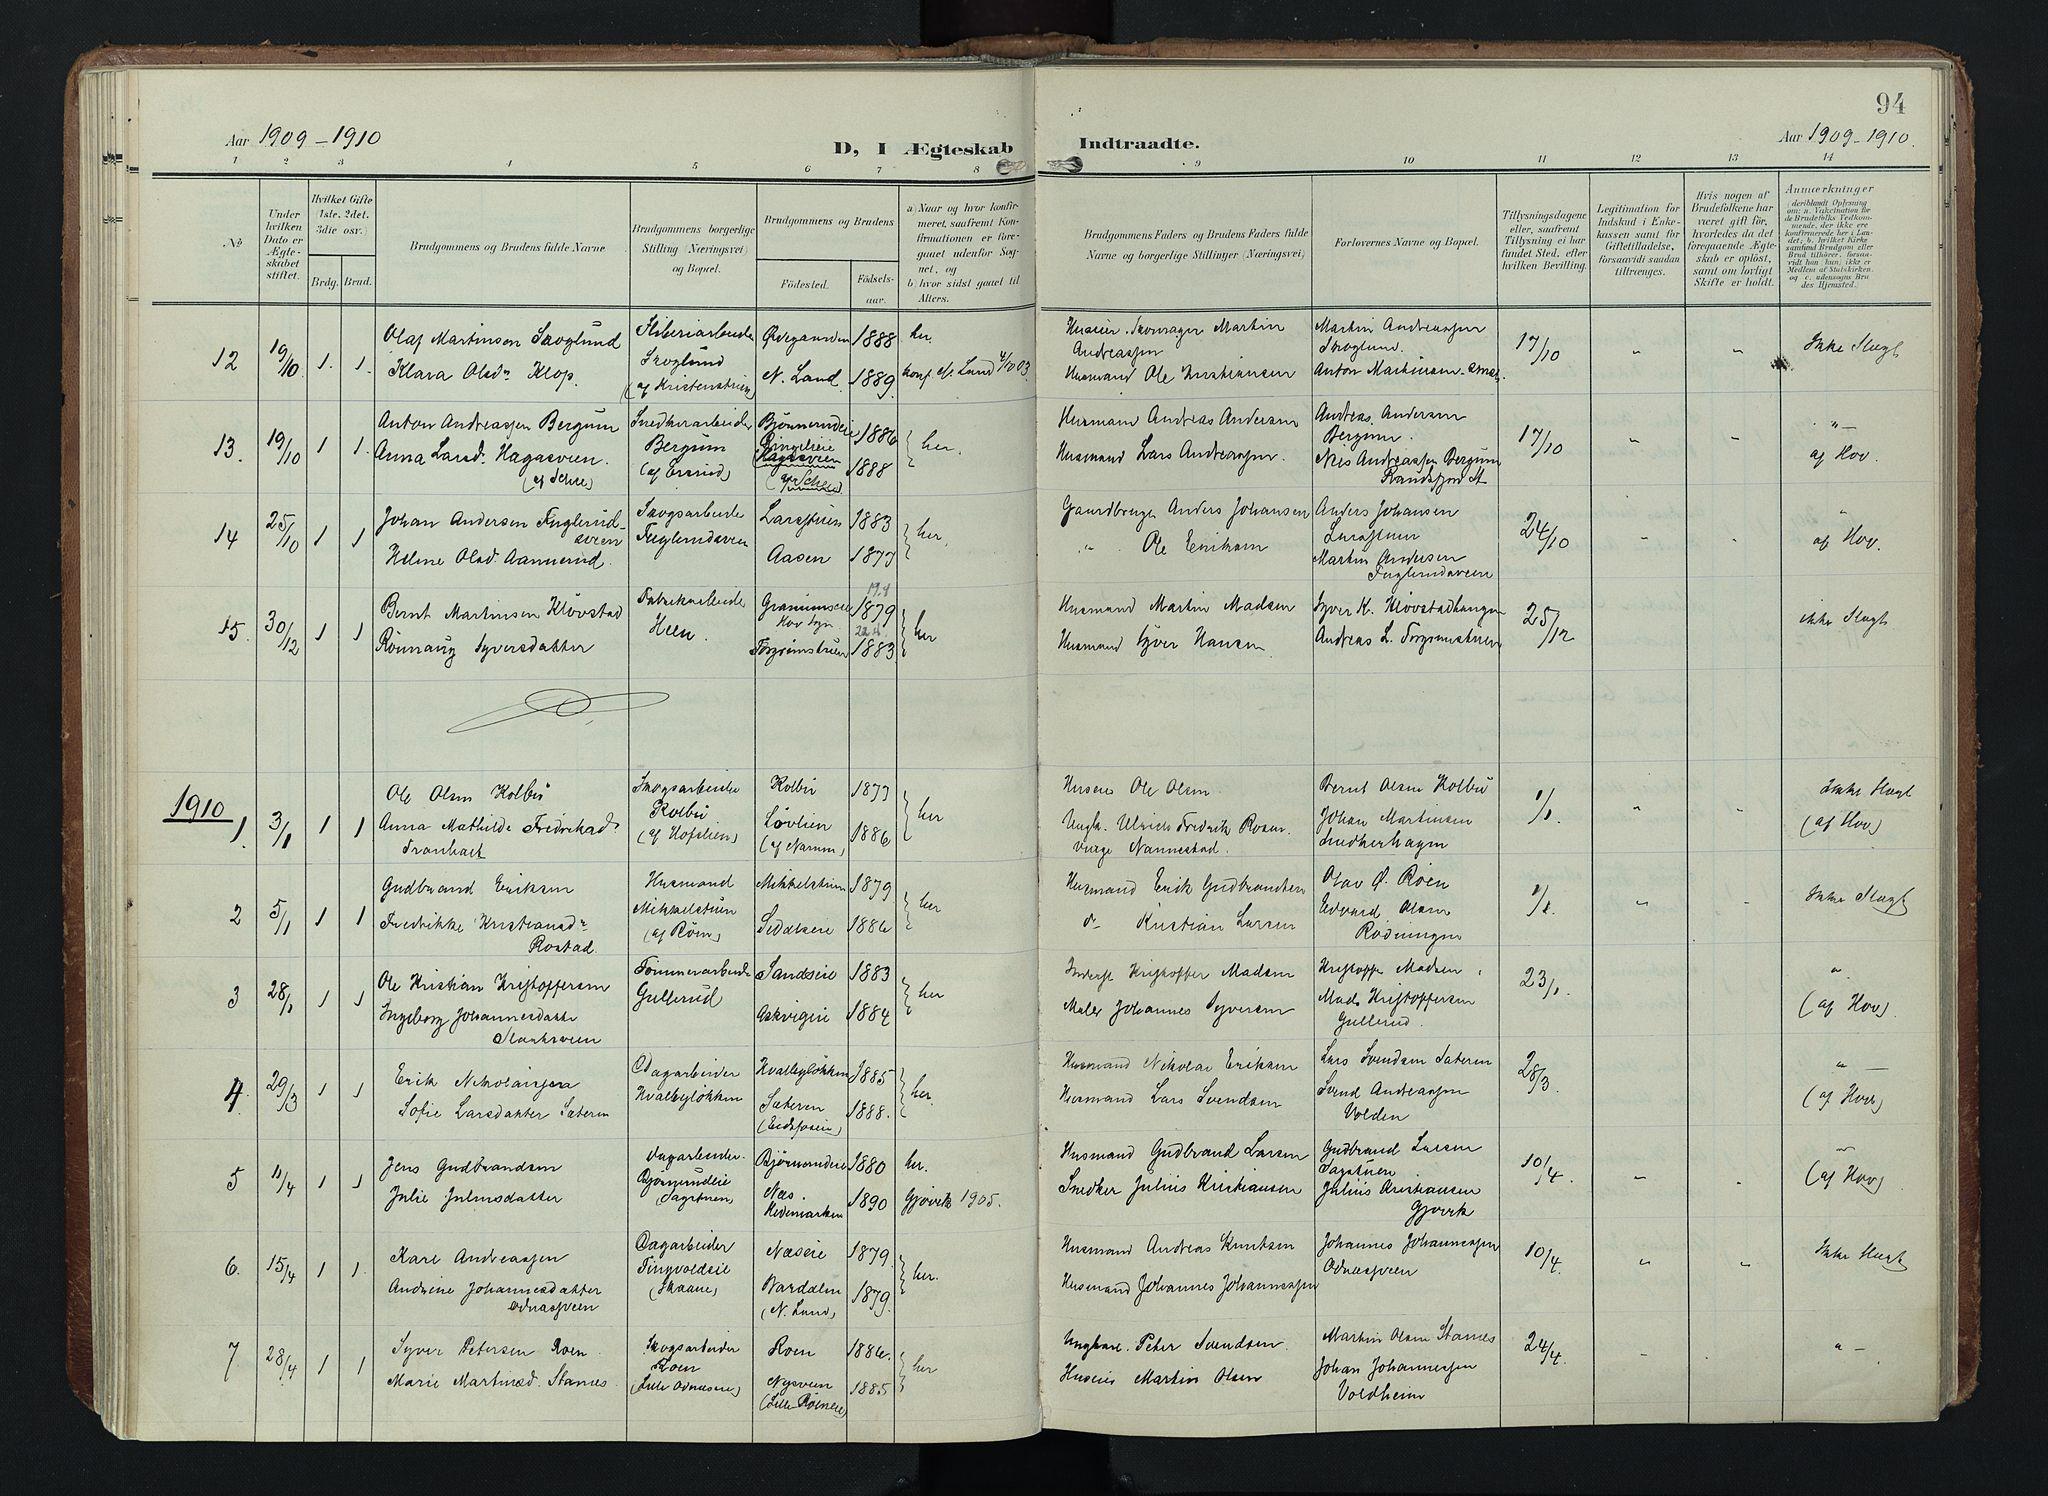 SAH, Søndre Land prestekontor, K/L0005: Ministerialbok nr. 5, 1905-1914, s. 94